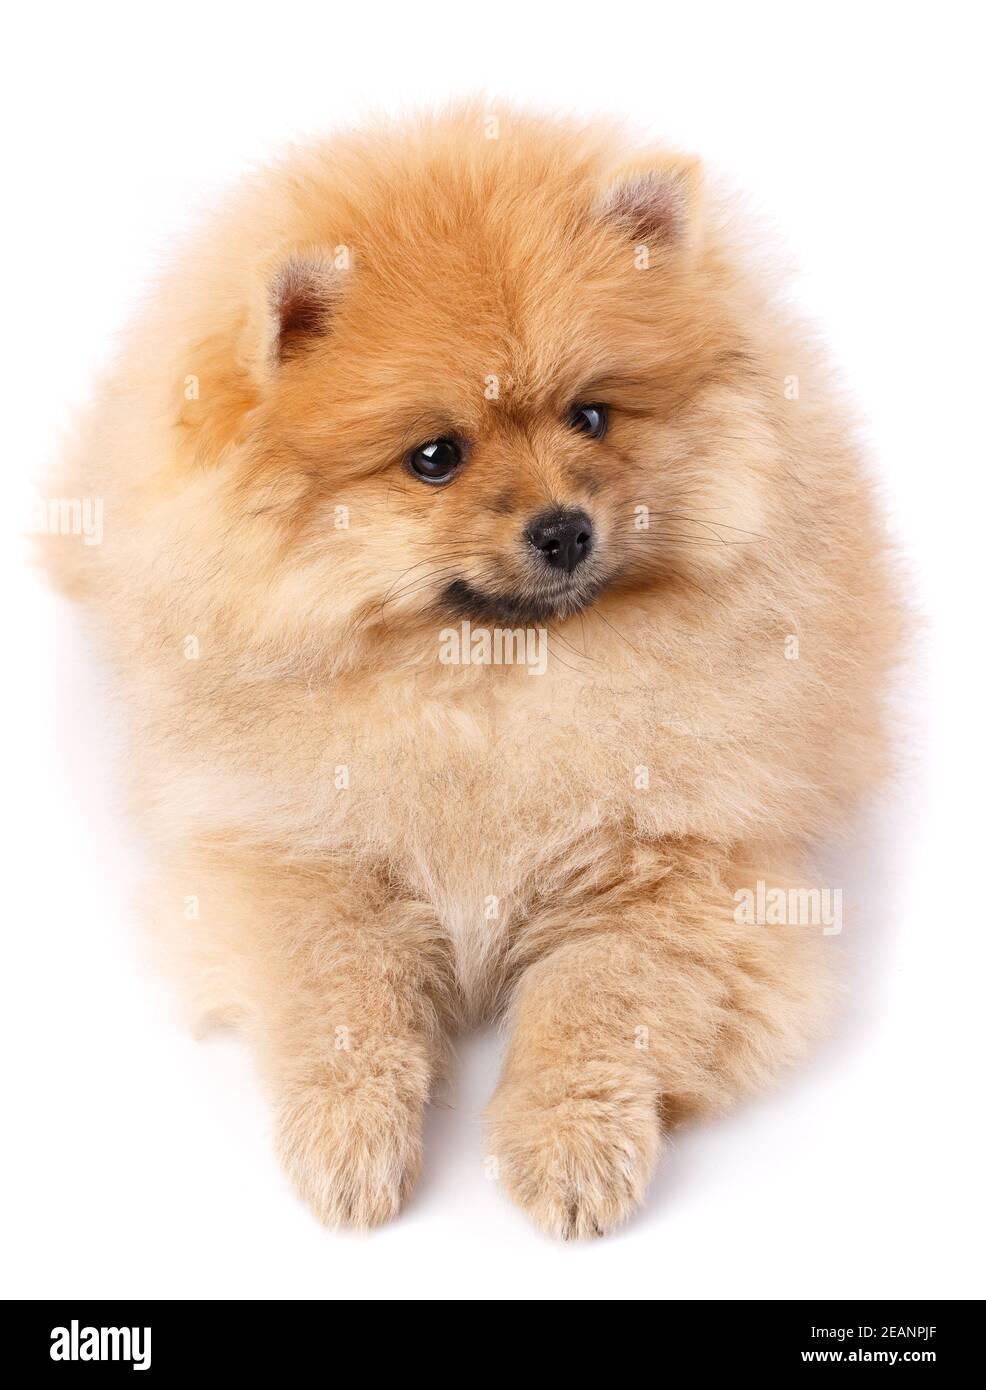 Pomeranian Spitz posando delante de la cámara sobre fondo blanco. Foto de stock